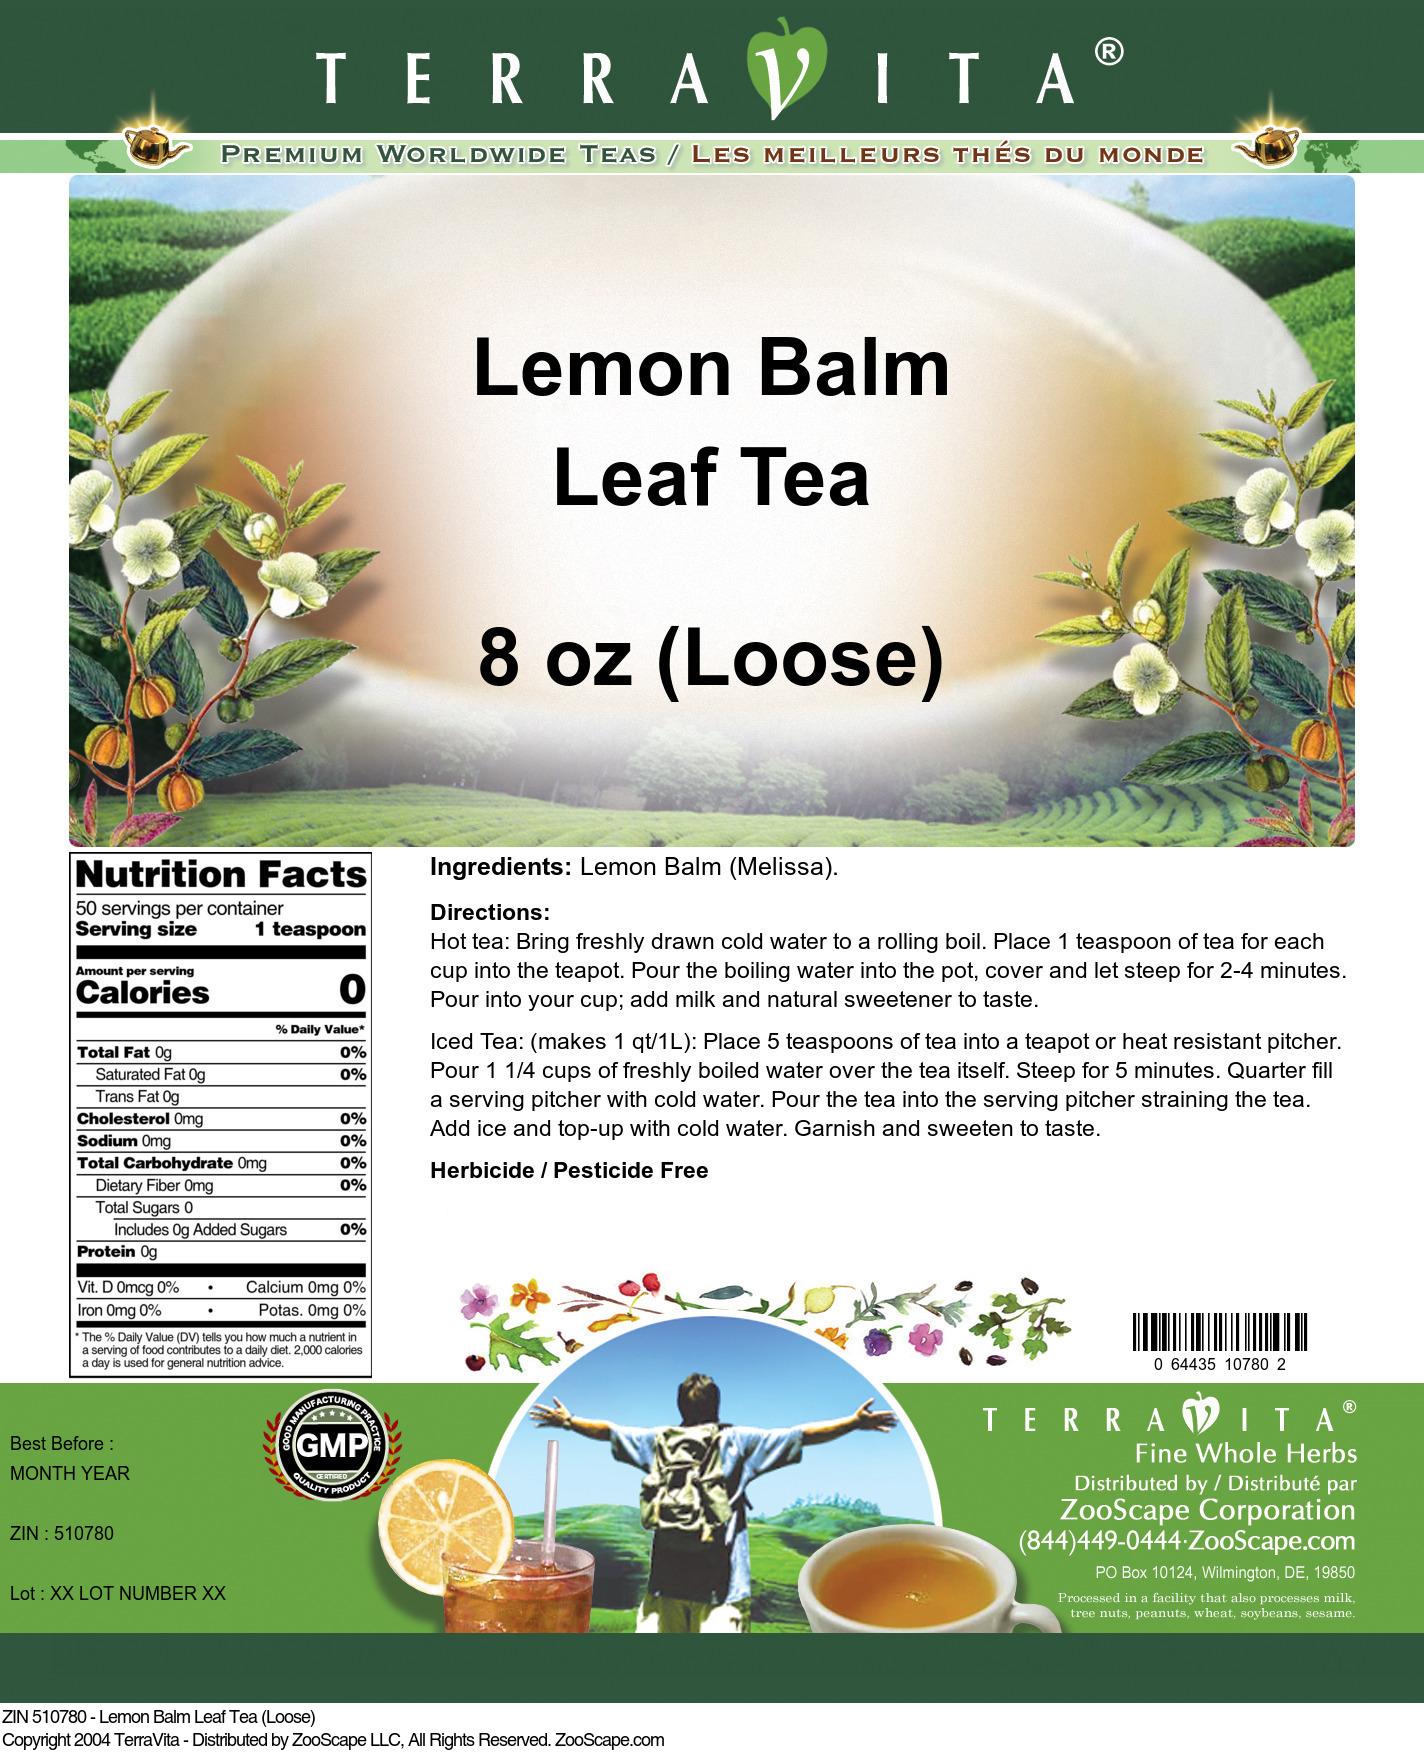 Lemon Balm Leaf Tea (Loose)